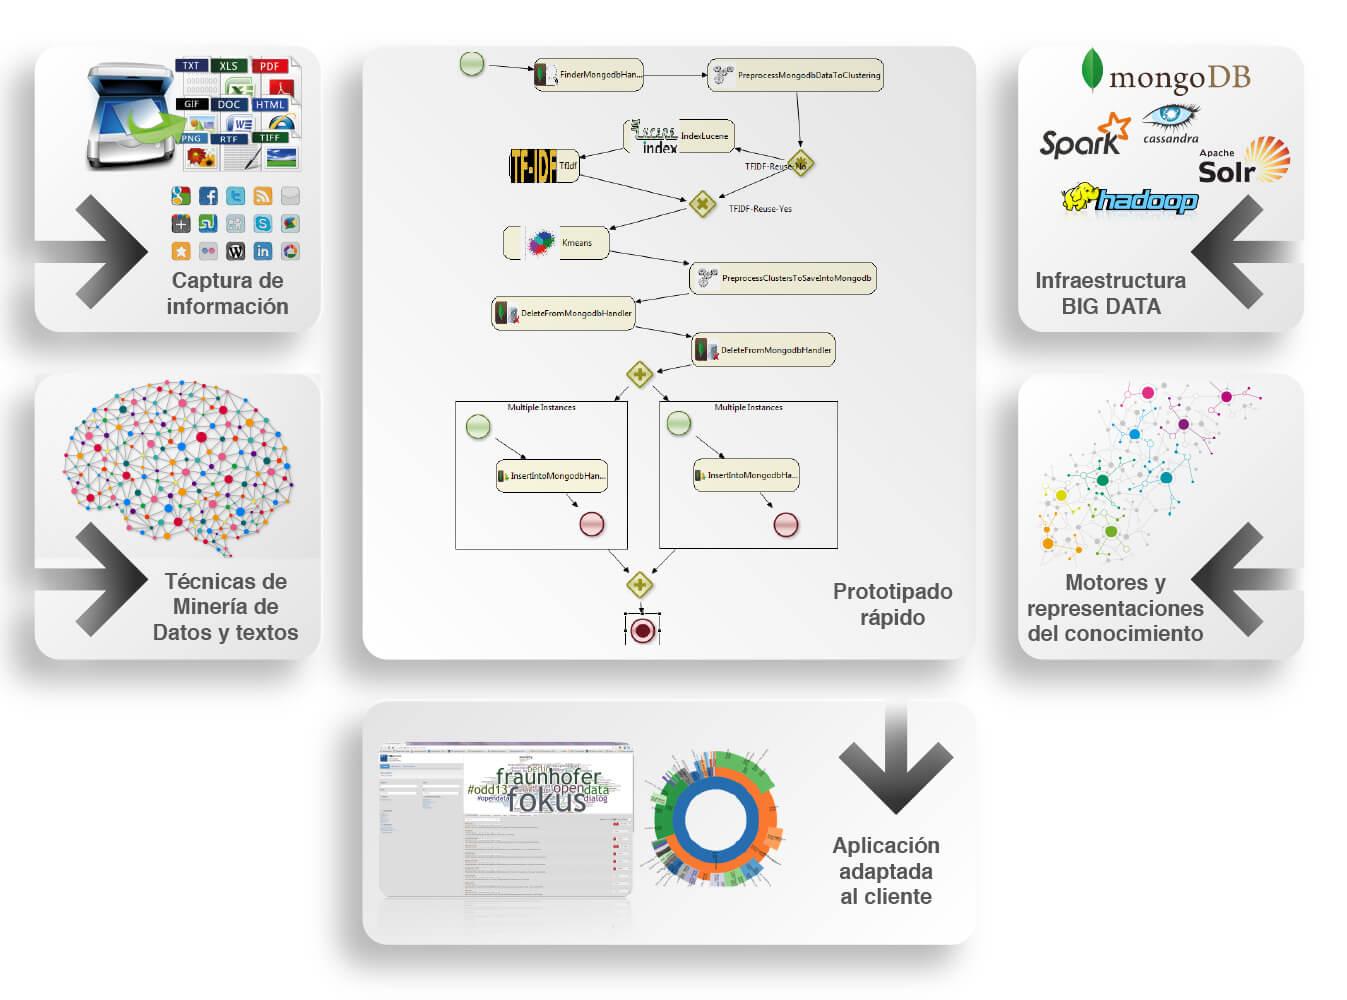 ITAINNOVA_Soluciones-innovadoras-para-los-negocios-del-futuro_MORIARTY_tecnologias